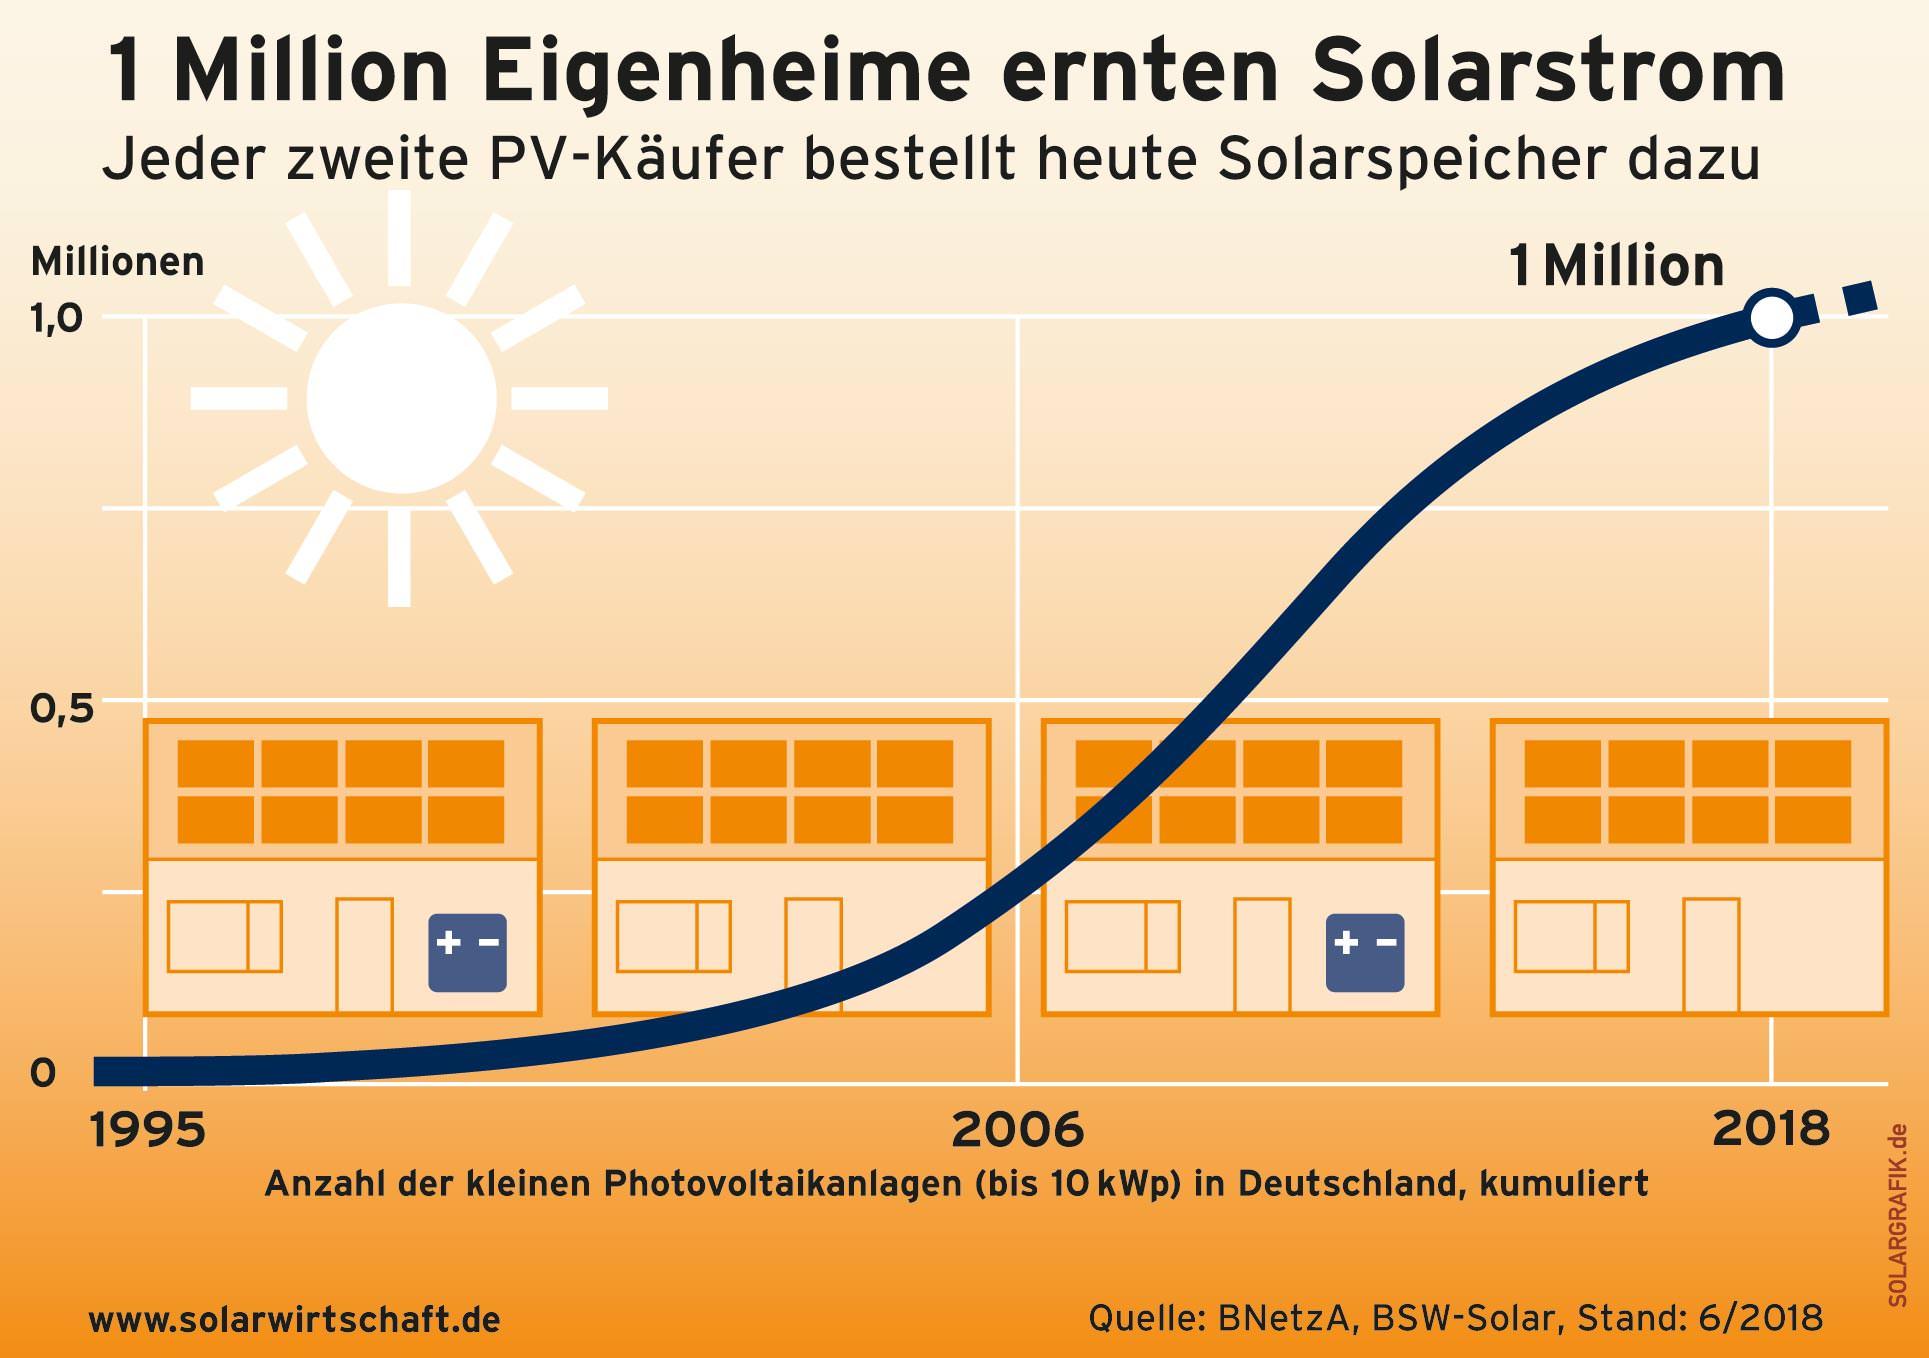 solarstrom ernte von 2017 schon erreicht photovoltaik. Black Bedroom Furniture Sets. Home Design Ideas